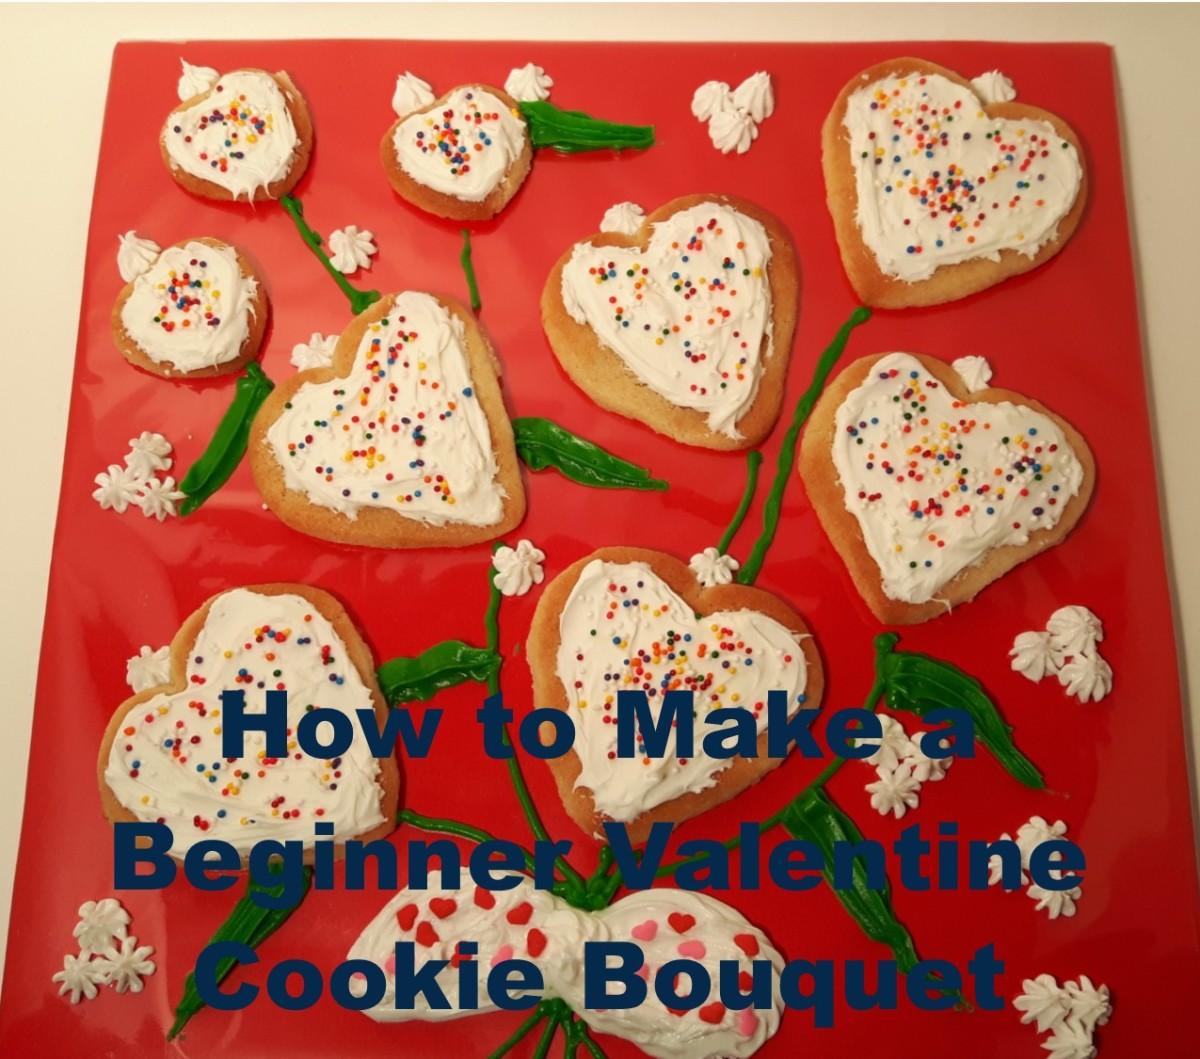 A Beginner's Valentine Cookie Bouquet